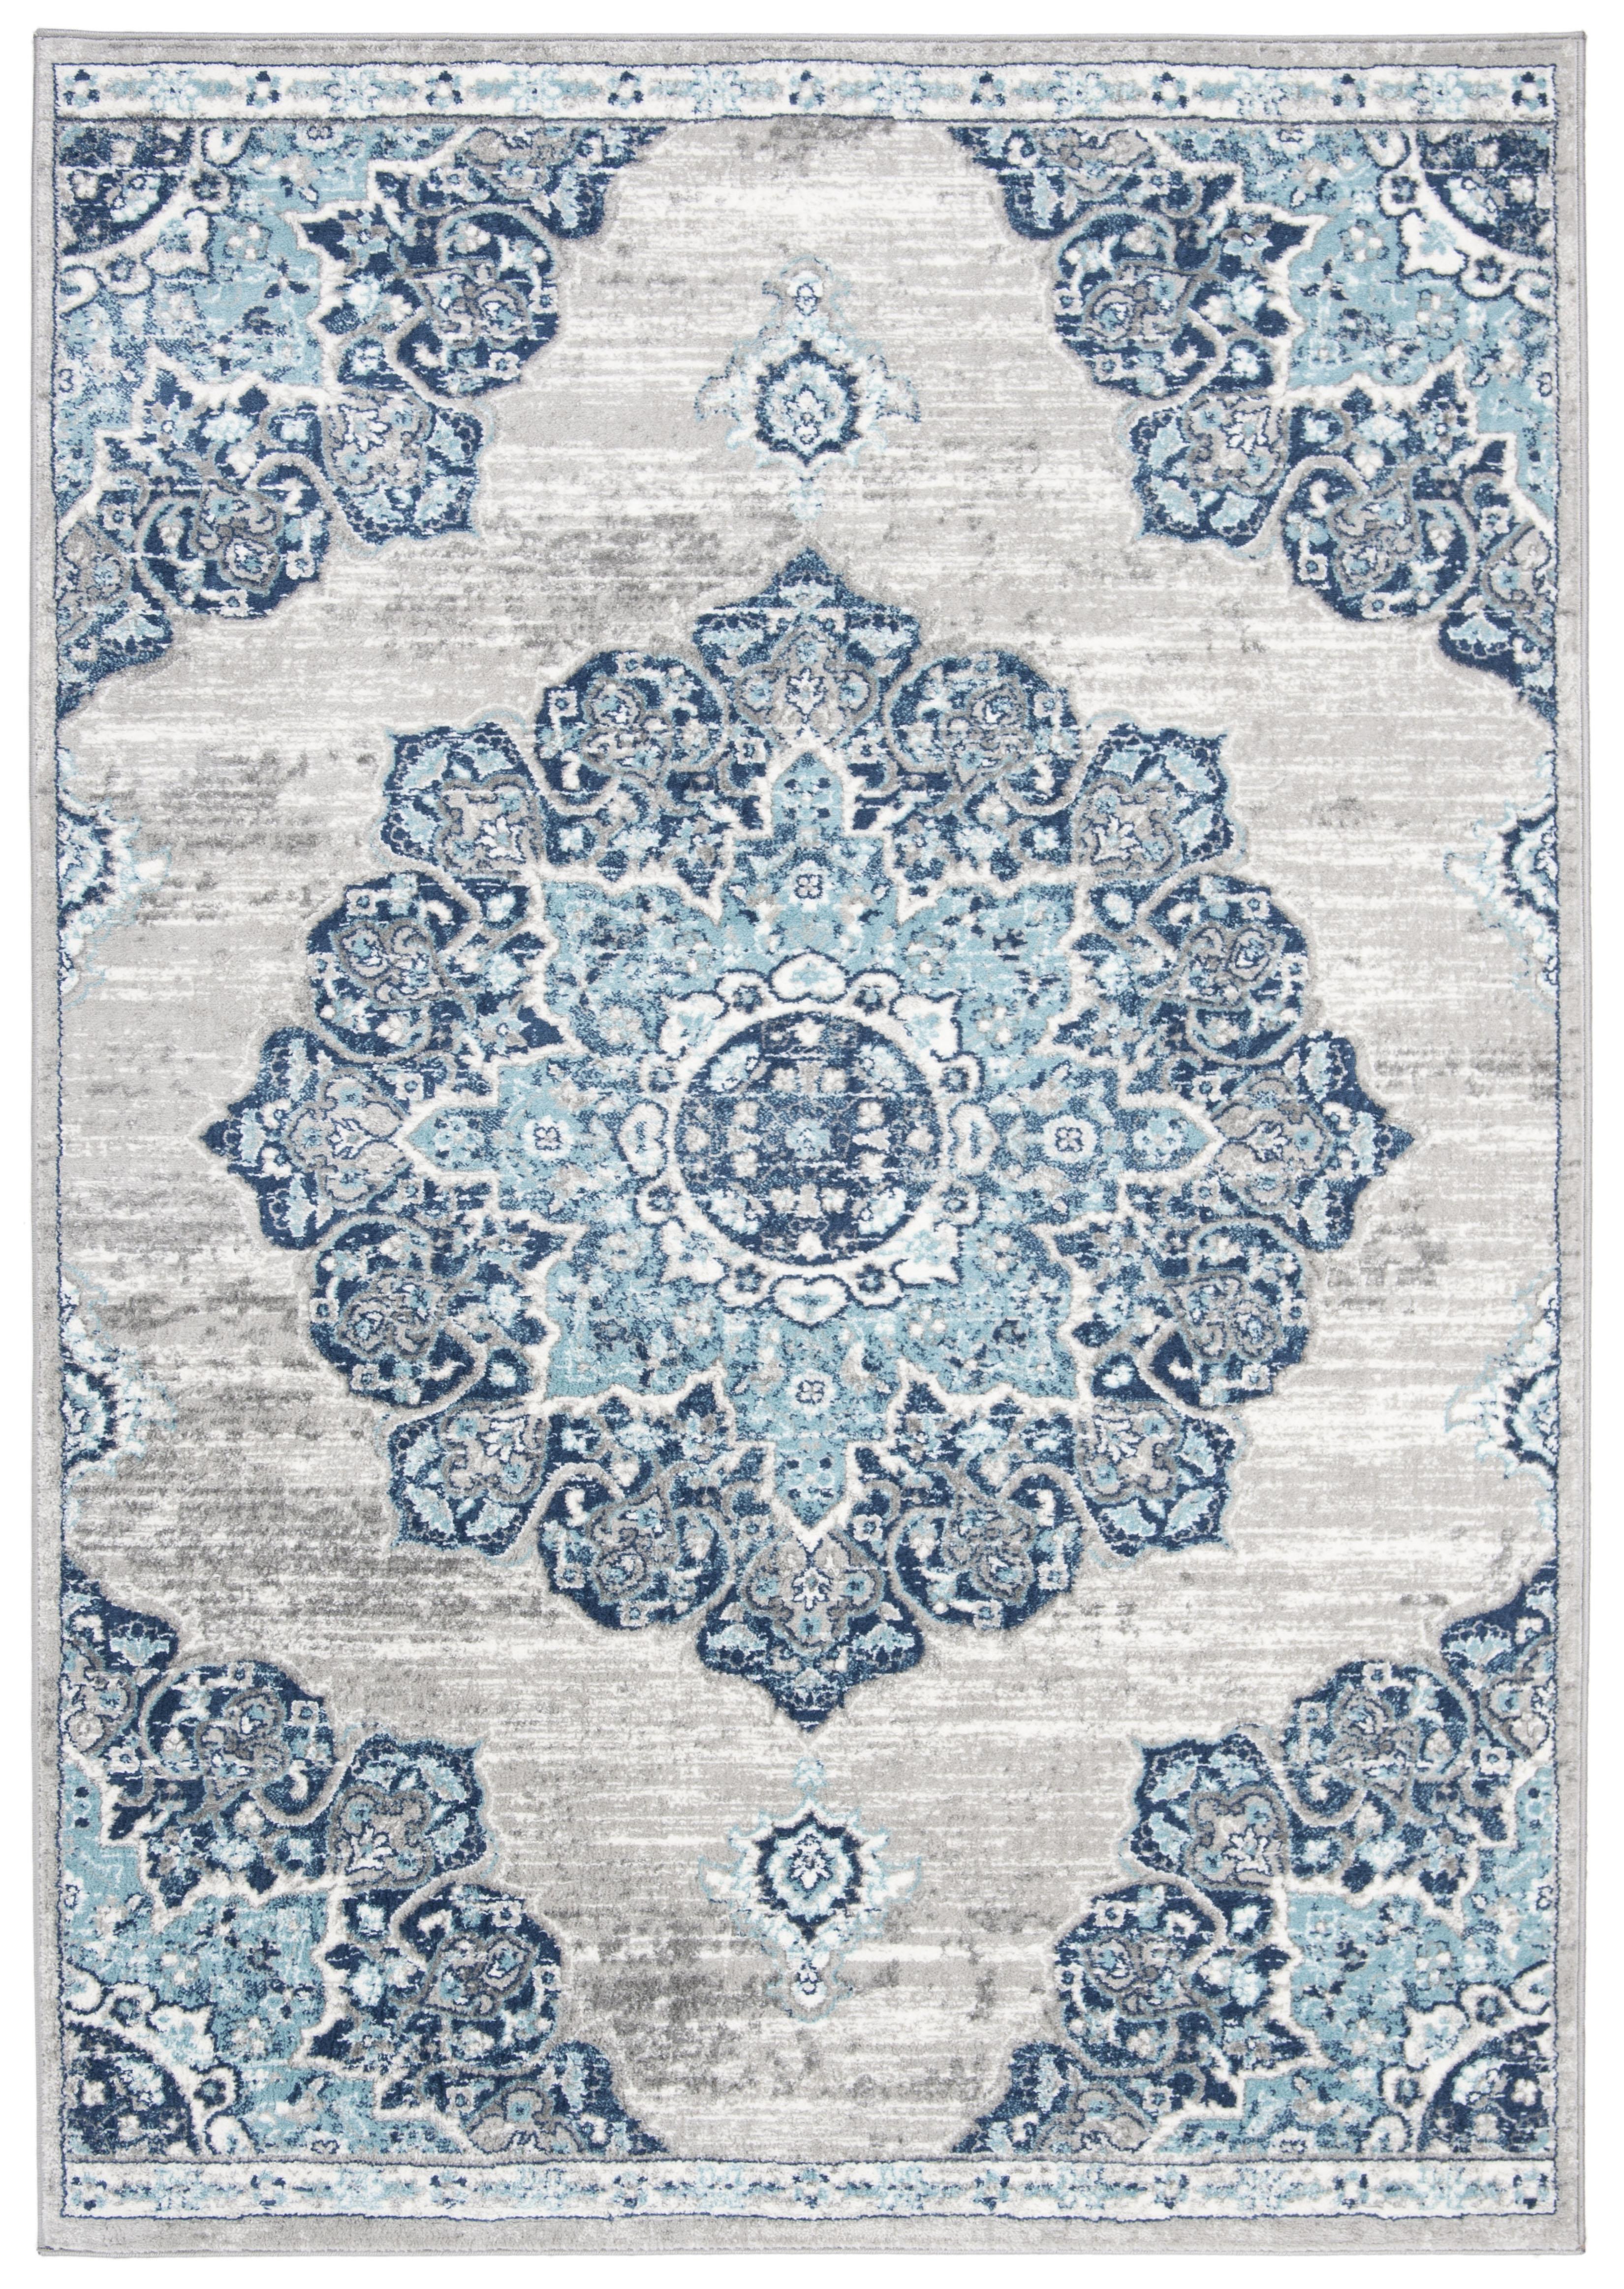 Tapis de salon classique bleu marine et gris 120x180